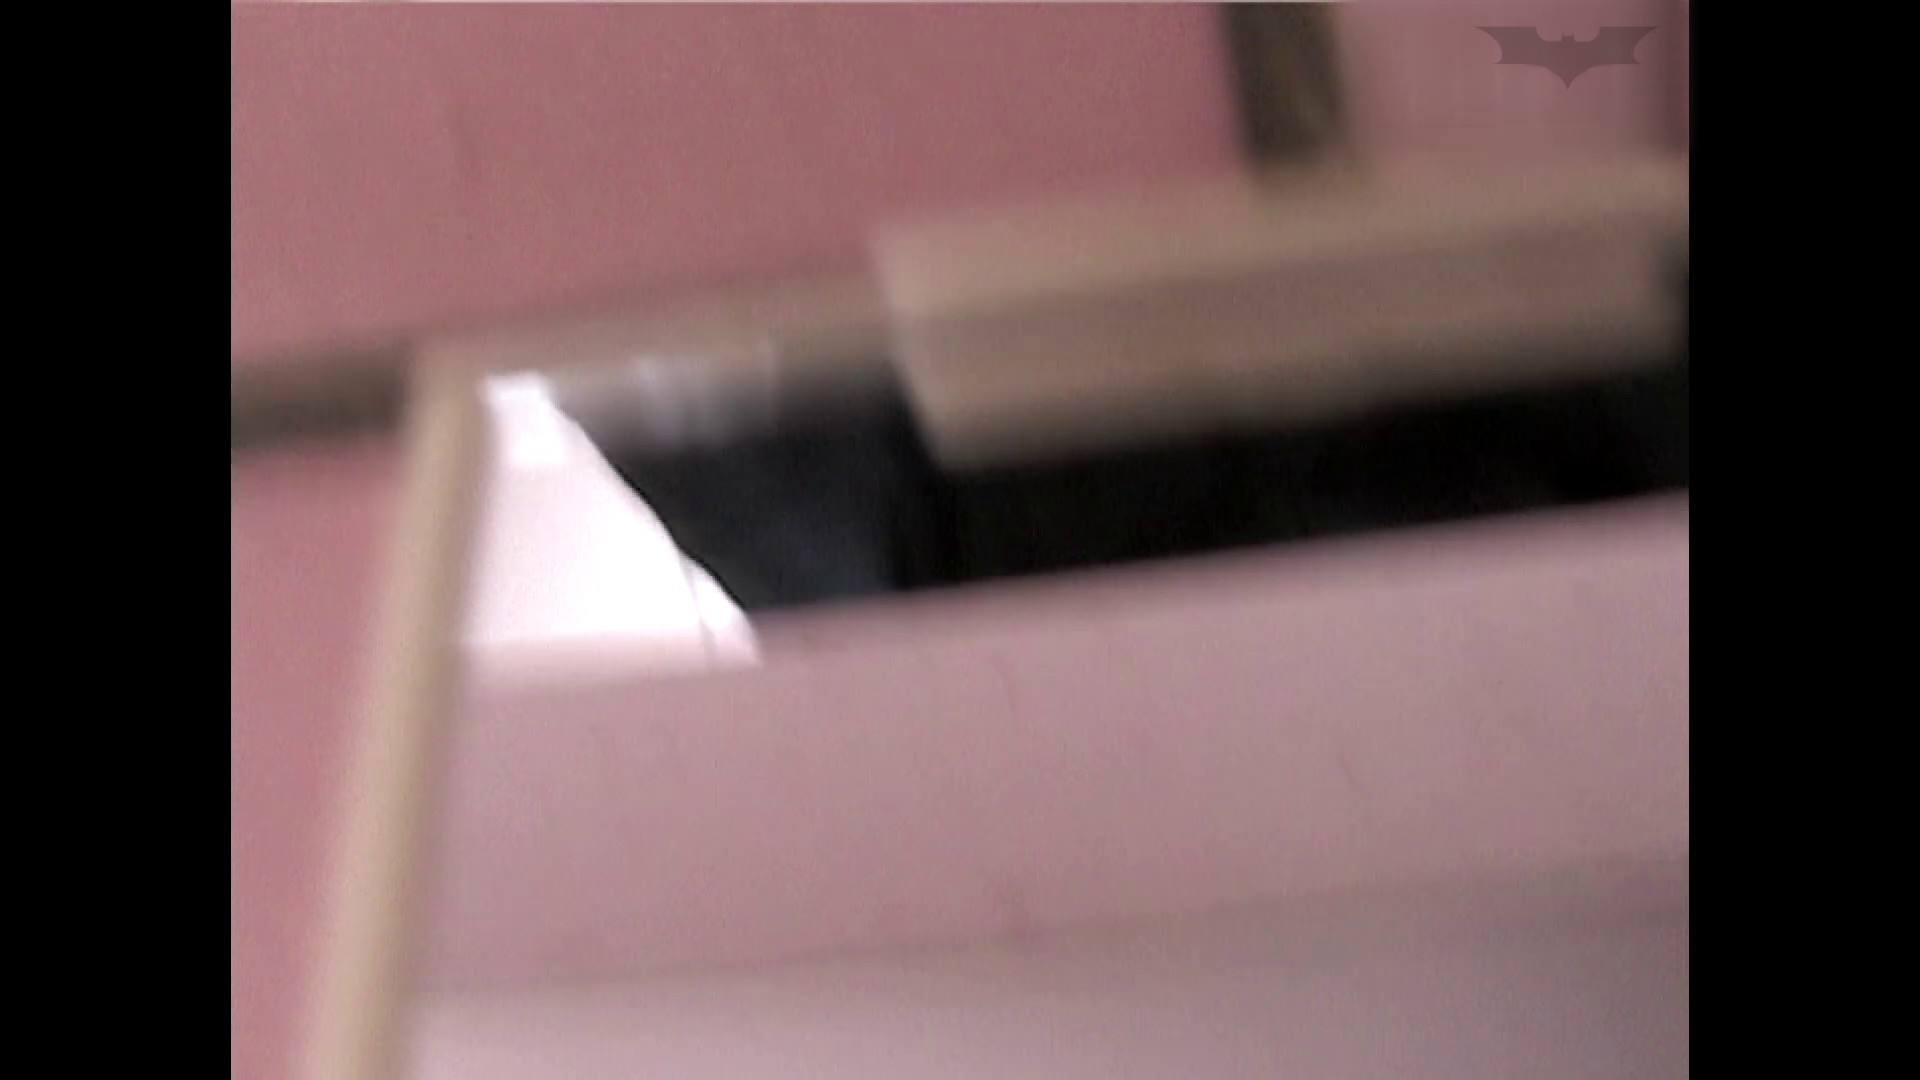 ●生マンコ綺麗にツルぴかですね 期間限定神キタ!ツルピカの放nyo!Vol.20 マンコ ワレメ無修正動画無料 99pic 33